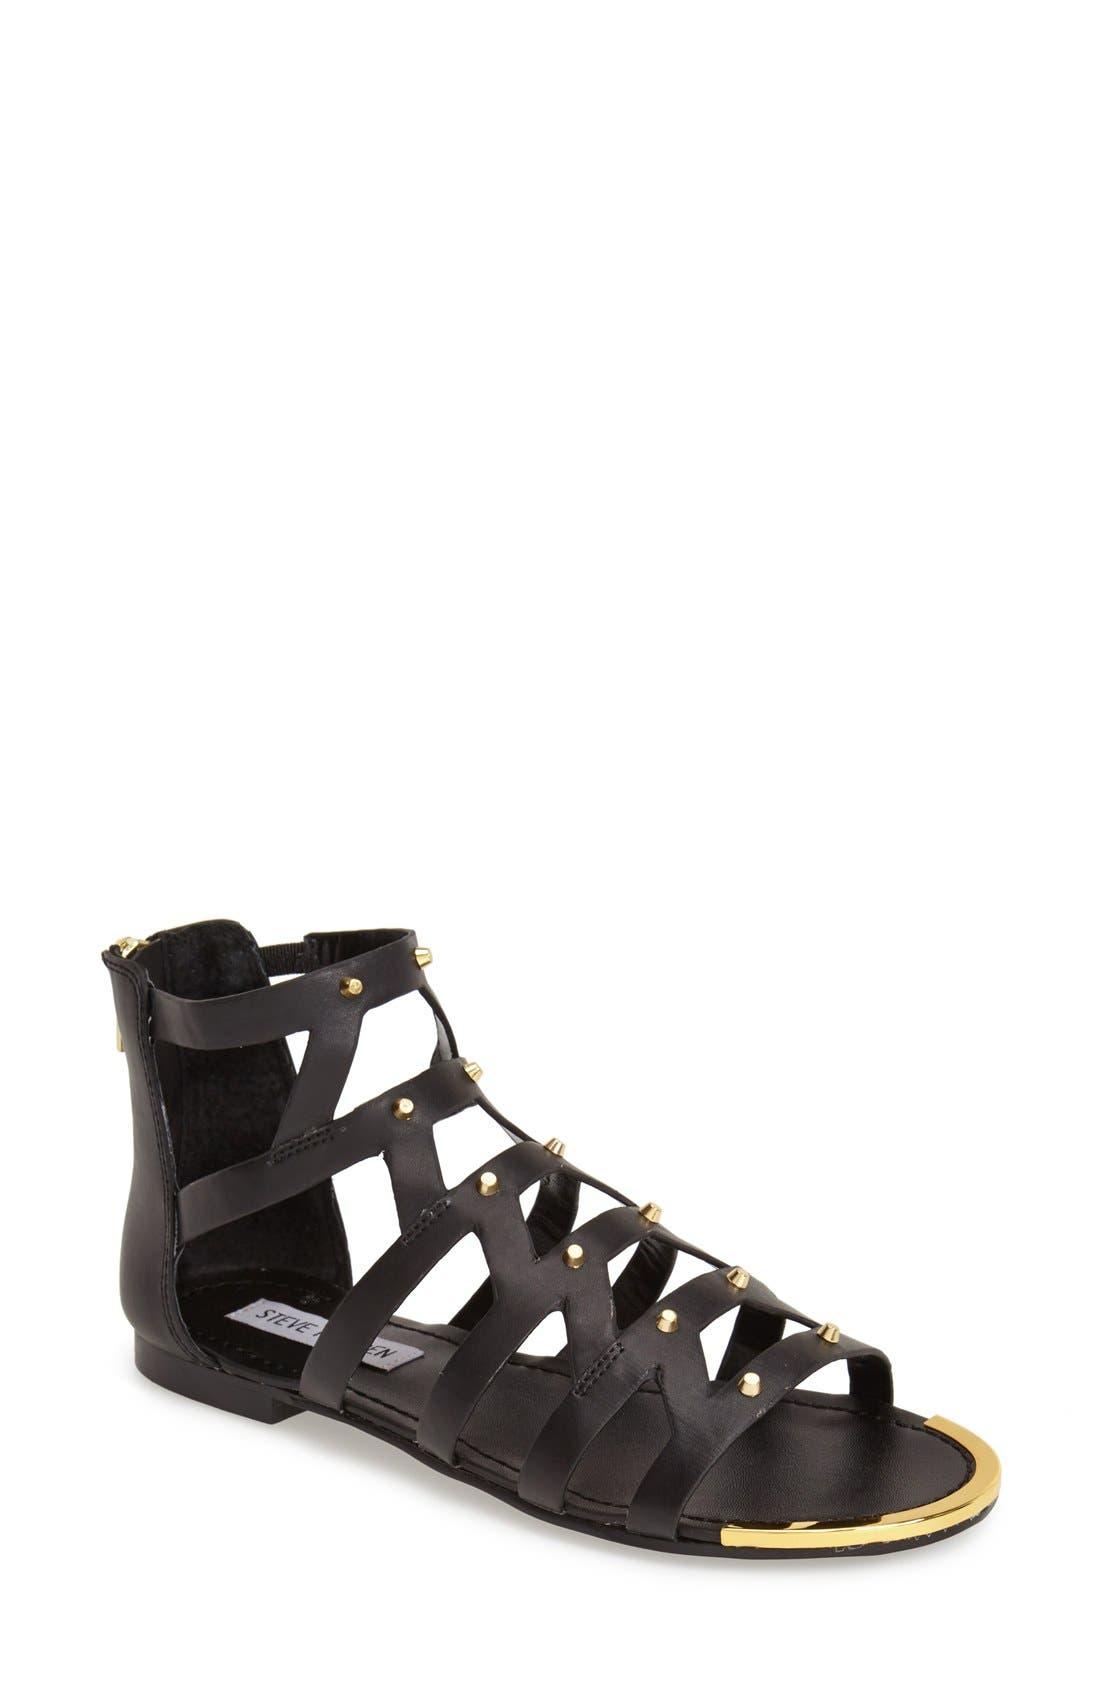 Alternate Image 1 Selected - Steve Madden 'Claudiaa' Studded Gladiator Sandal (Women)